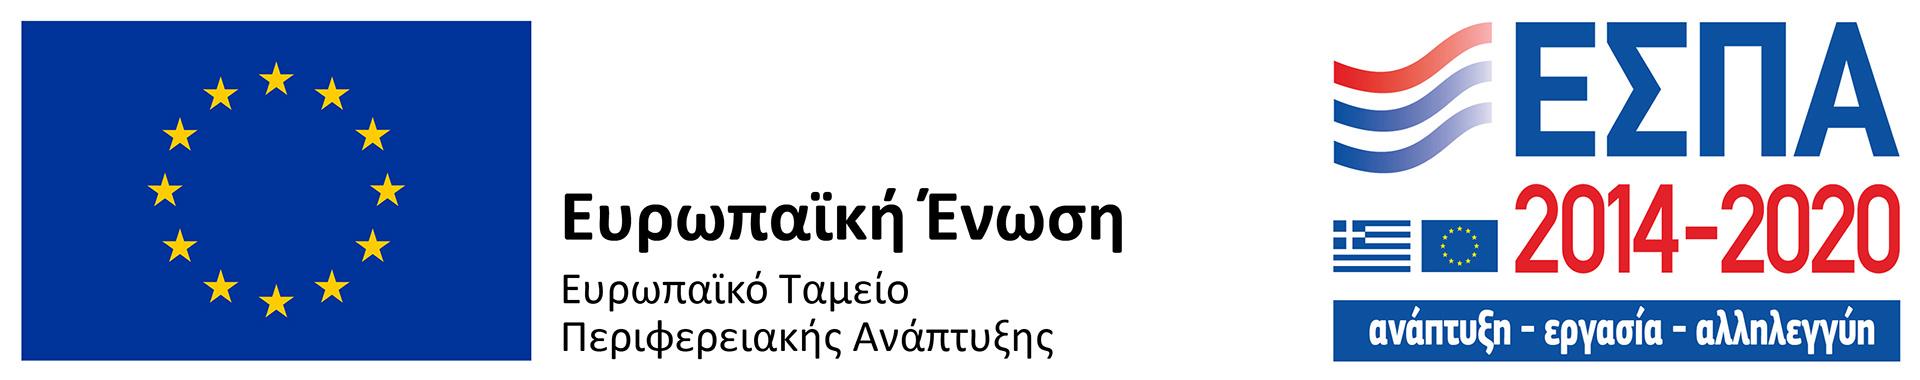 ιστοσελίδα συγχρηματοδοτούμενη από το Ευρωπαϊκό Ταμείο Περιφερειακής Ανάπτυξης ΕΣΠΑ 2014-2020